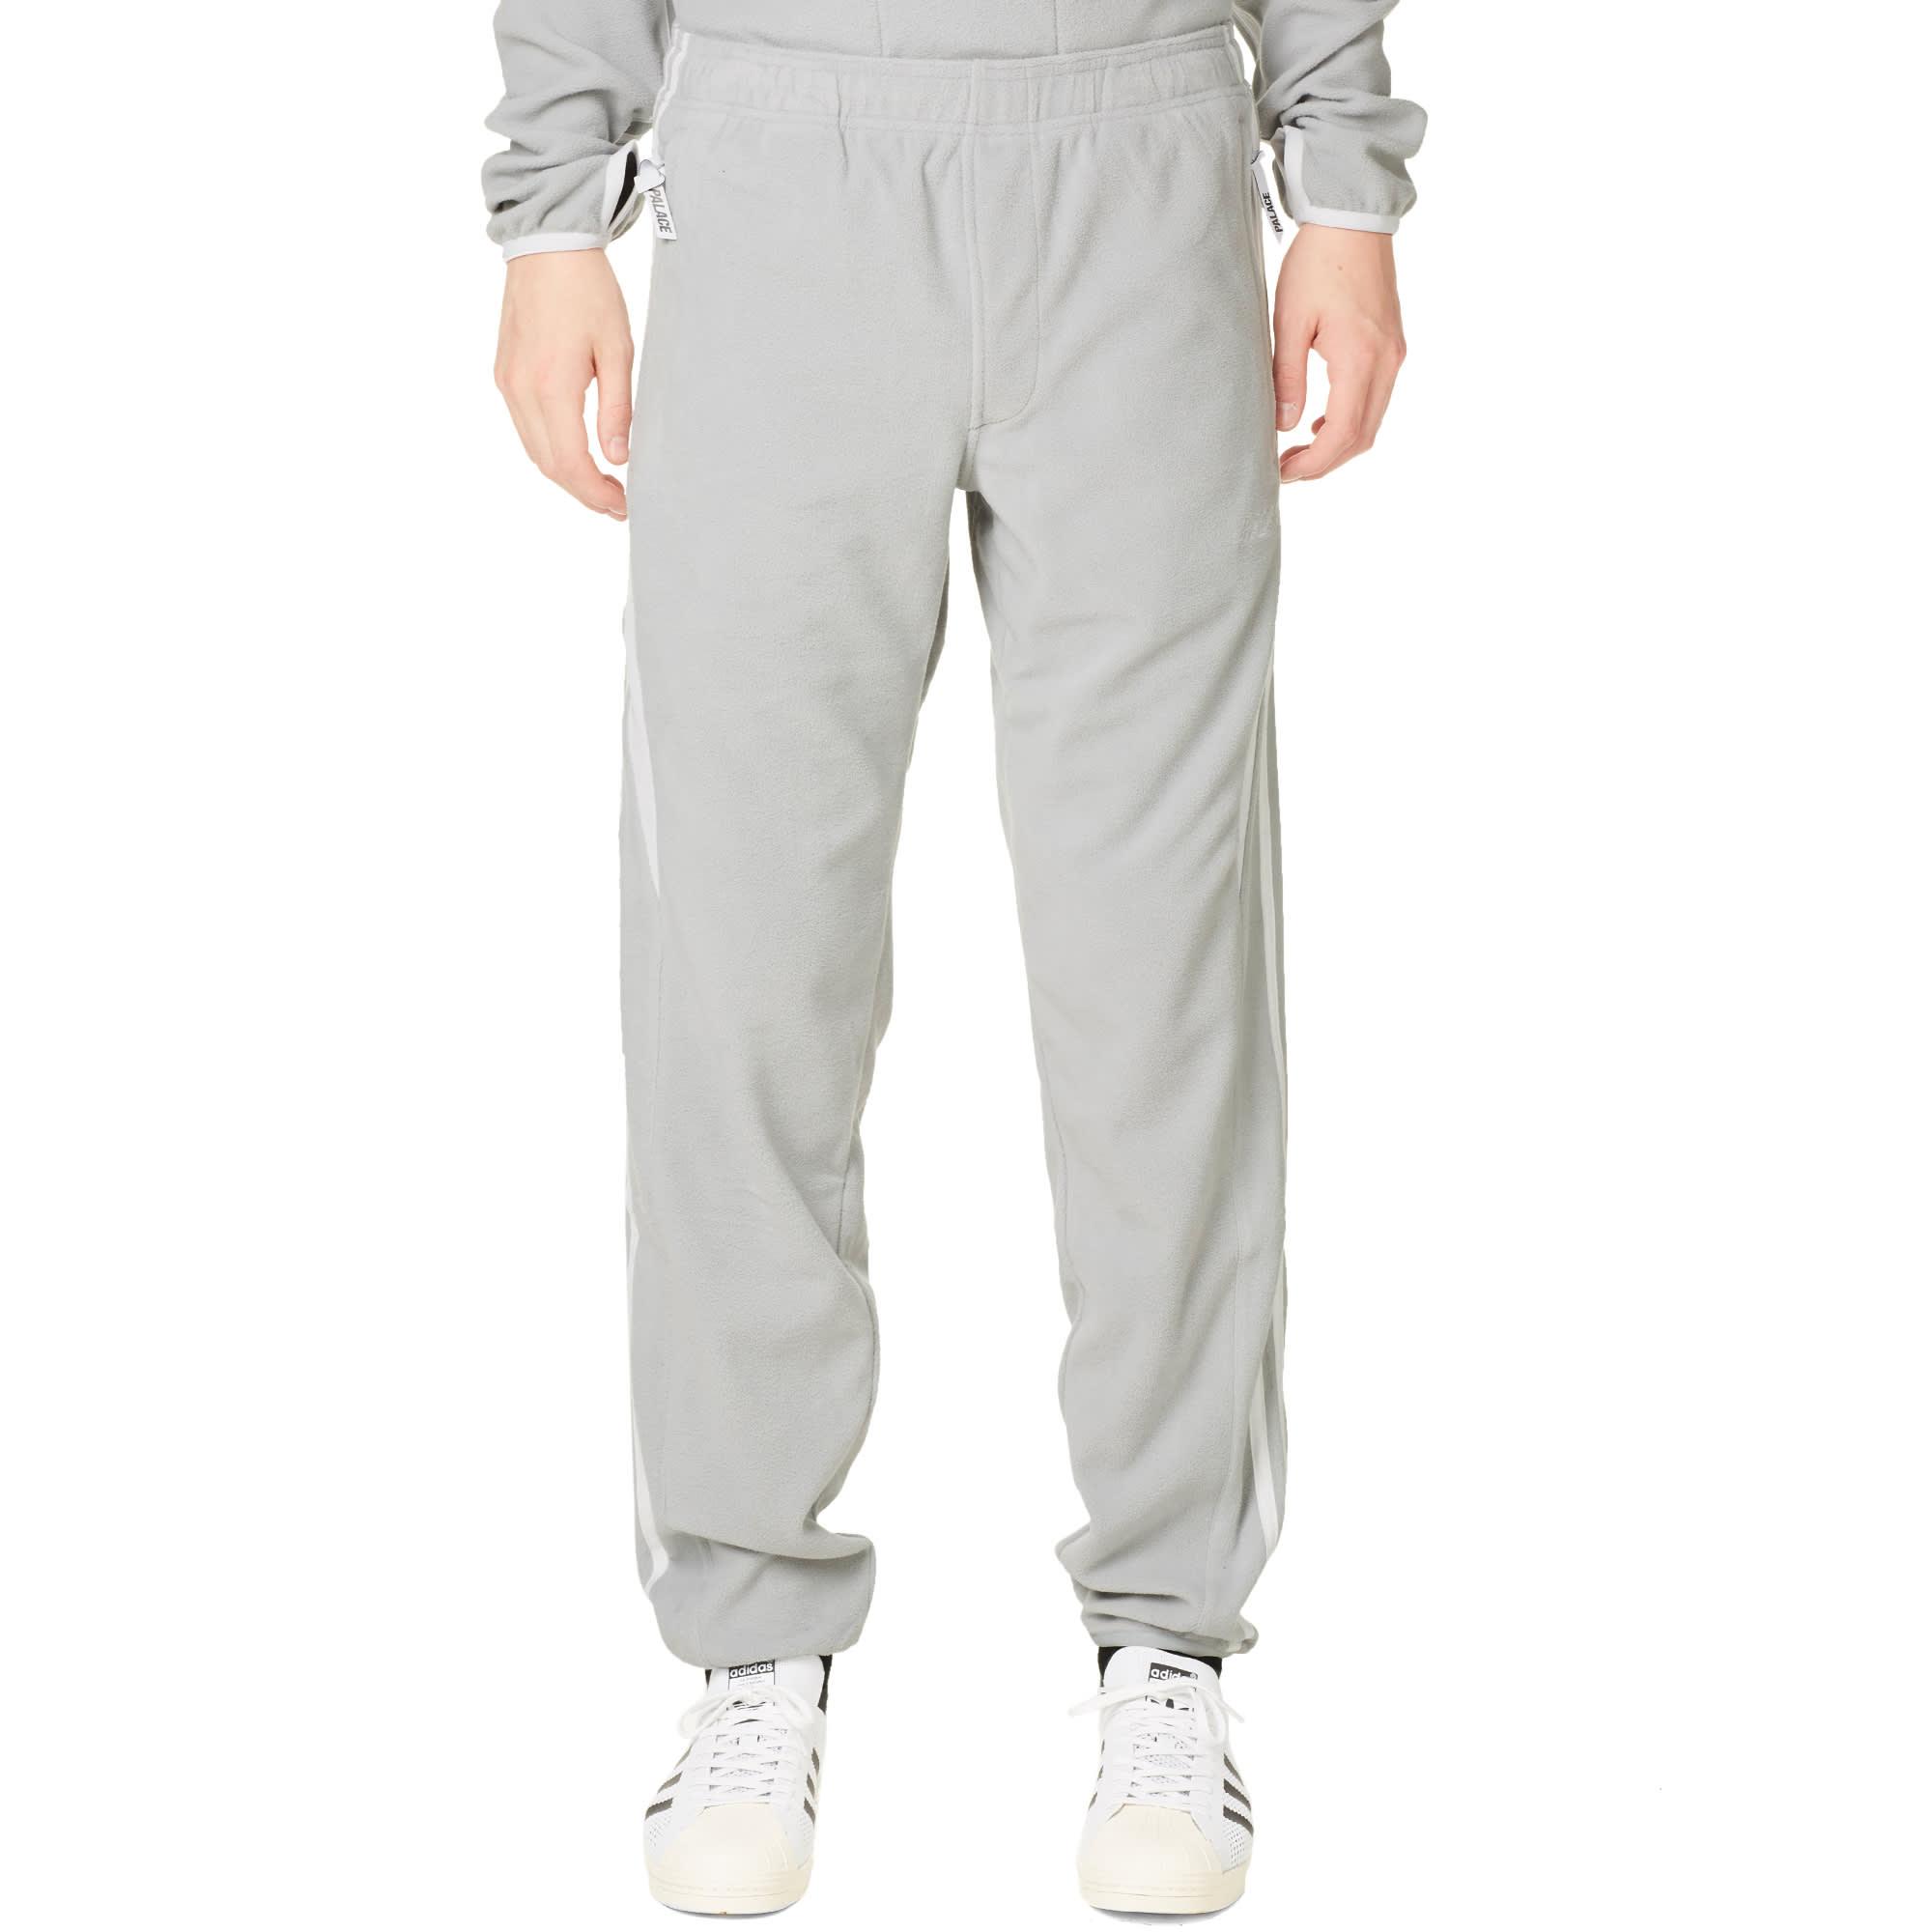 palace x adidas fleece joggers